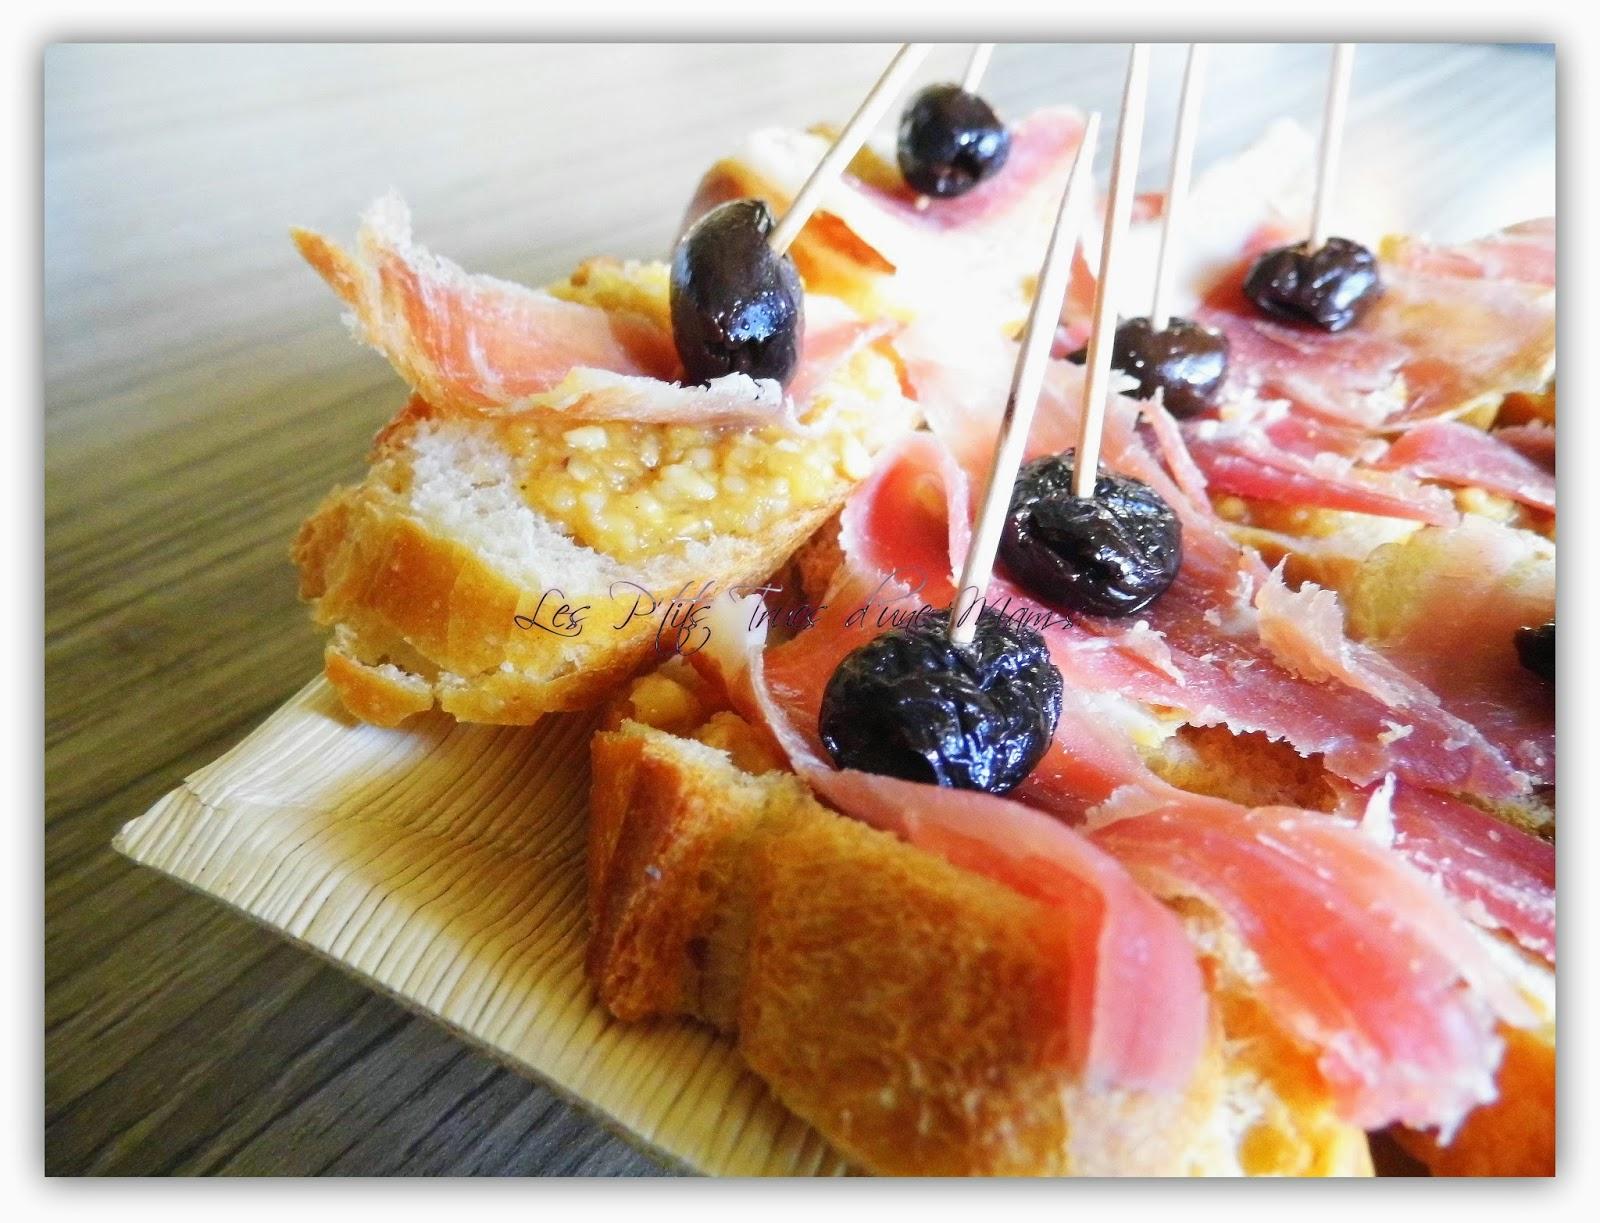 Petits toasts au pesto la truffe noire d 39 t jambon cru et olive noire les p 39 tits trucs d - Comment cuisiner les truffes noires ...